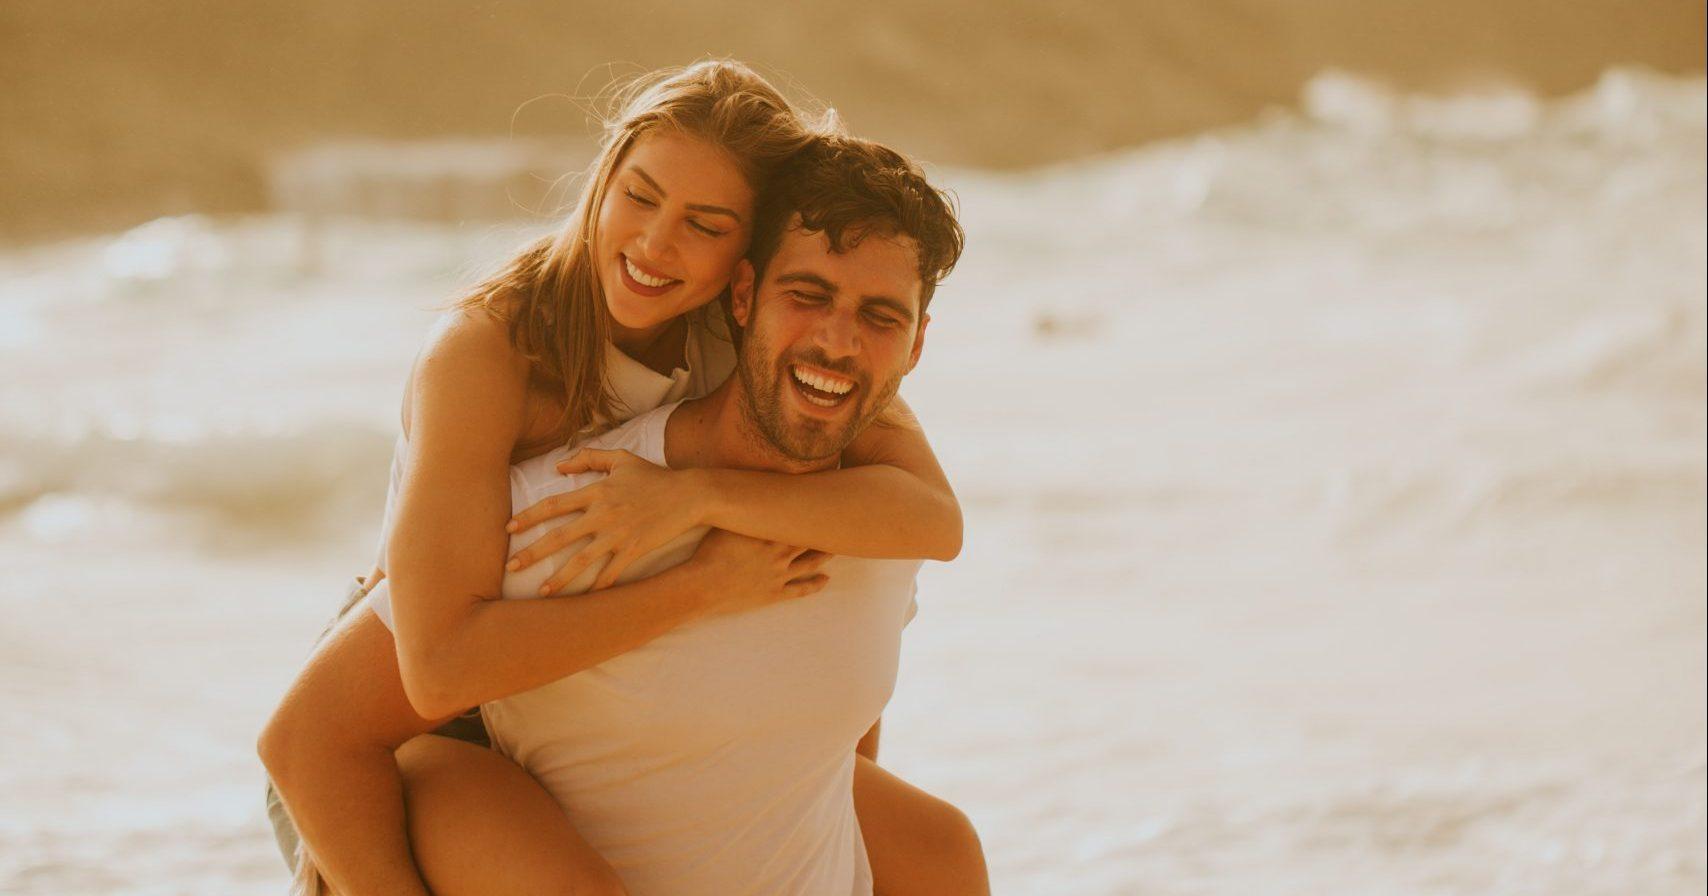 Hogyan legyek olyan nő, akit csodálatosnak lát a férje?